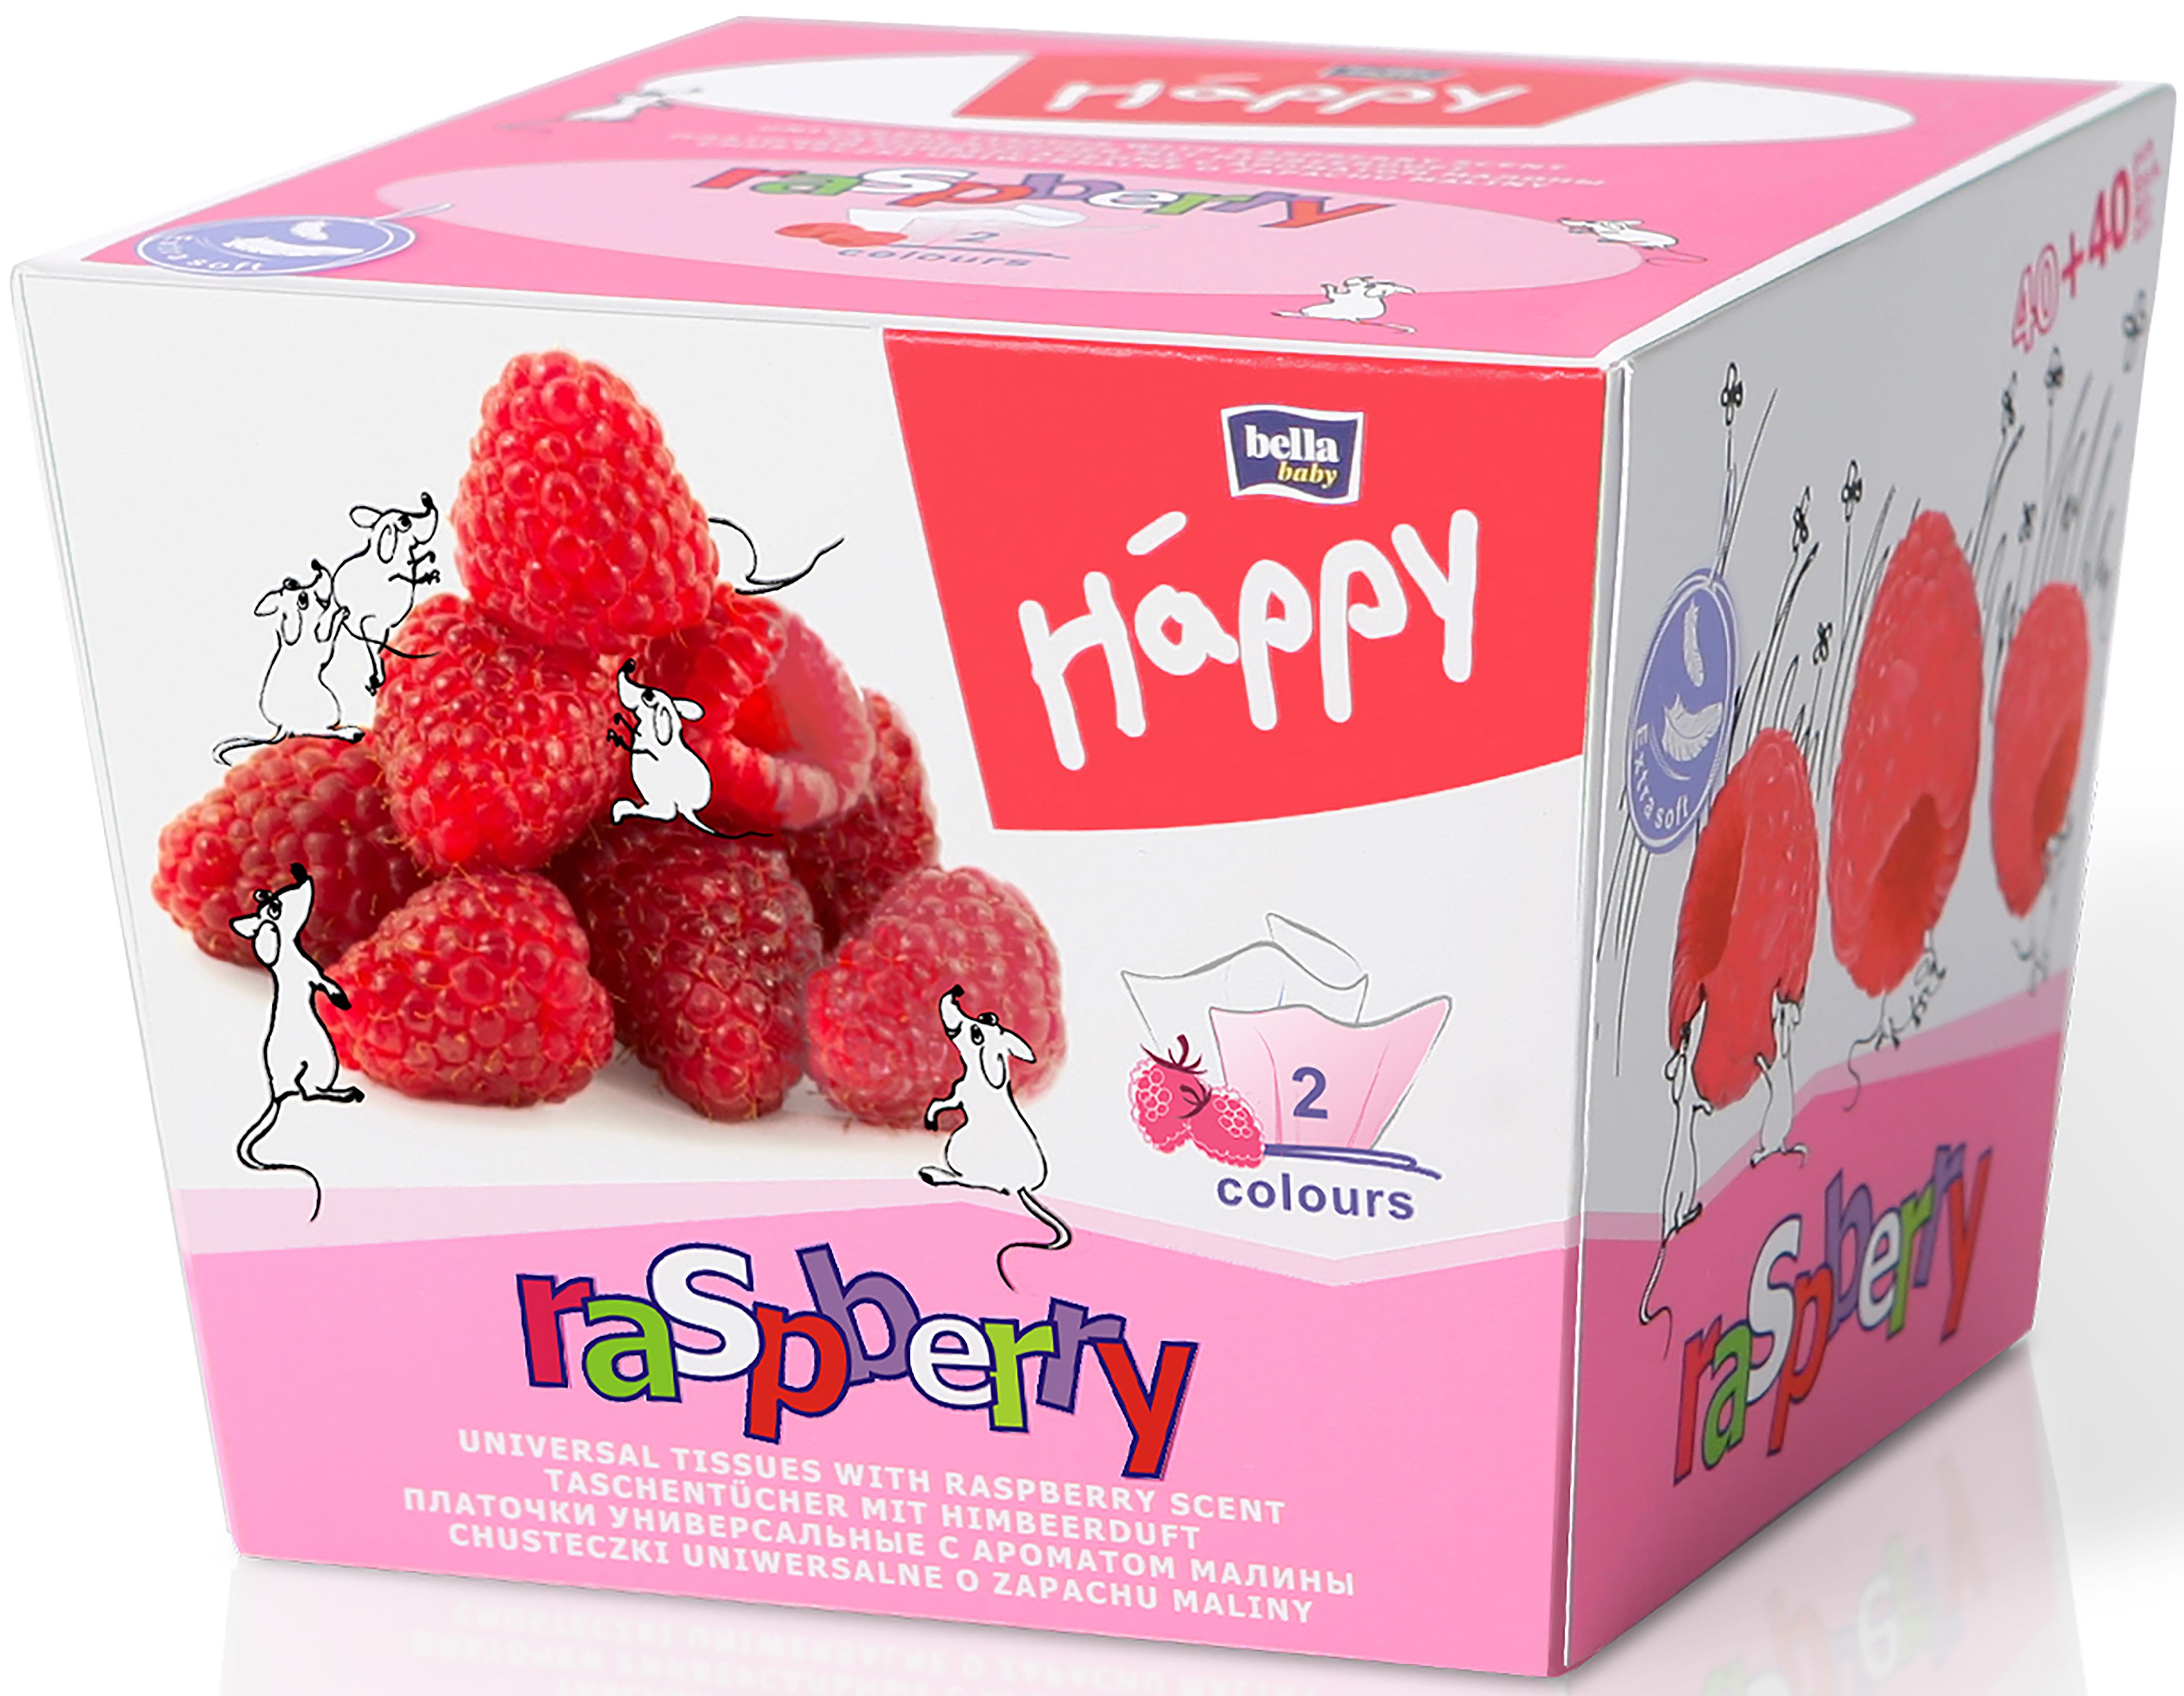 Fotografie Bella Happy Baby Raspberry hygienické kapesníky 2 vrstvé 80 kusů